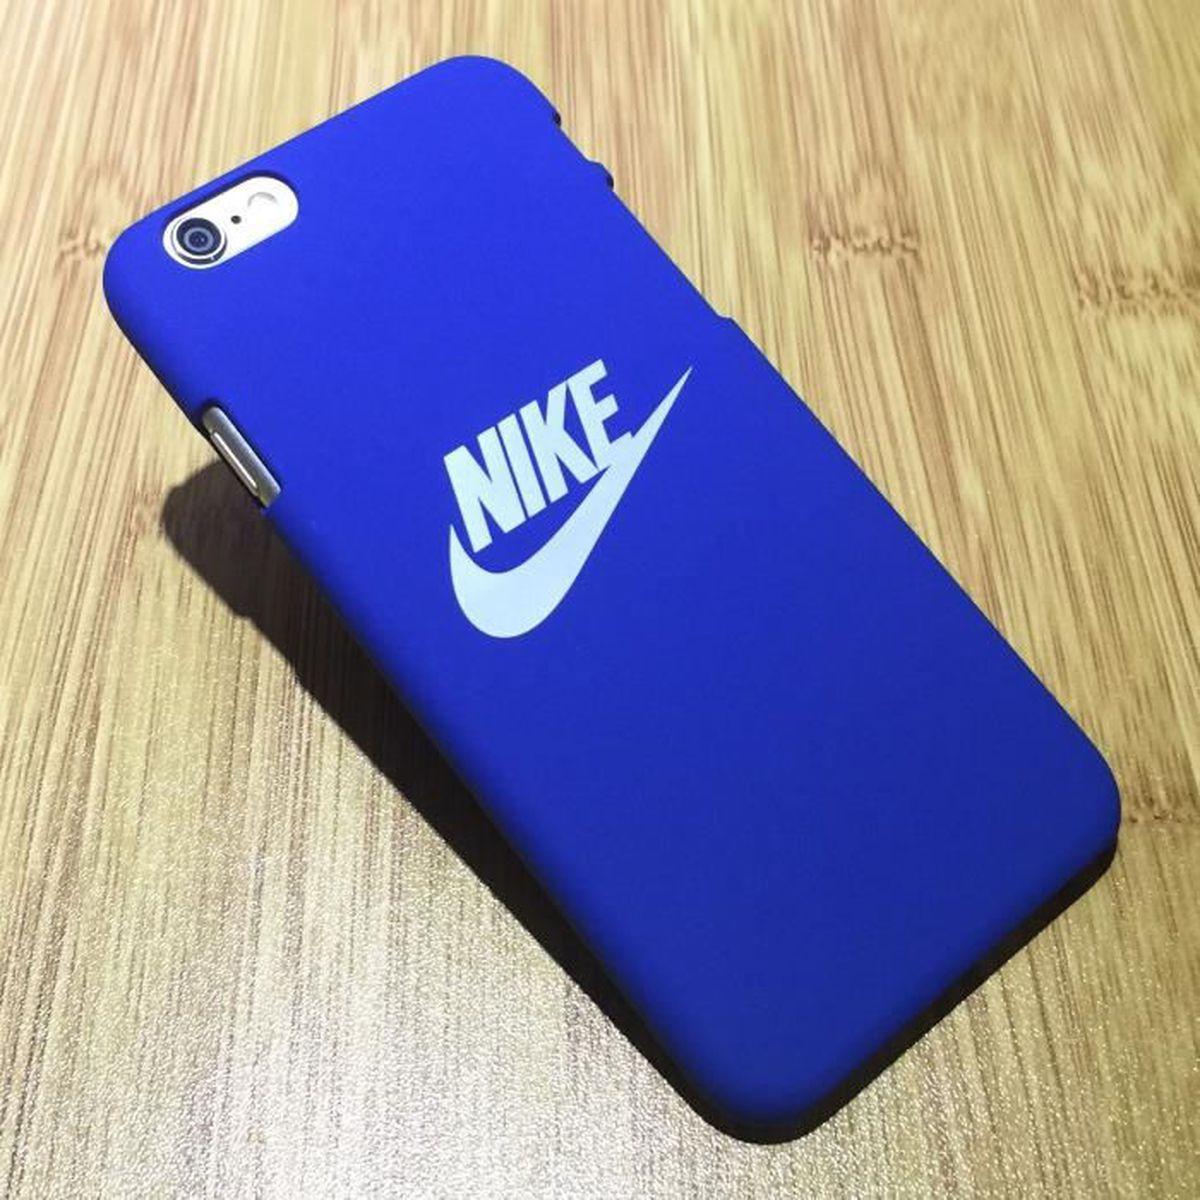 coque nike noir pour iphone 6 6s plus bleu